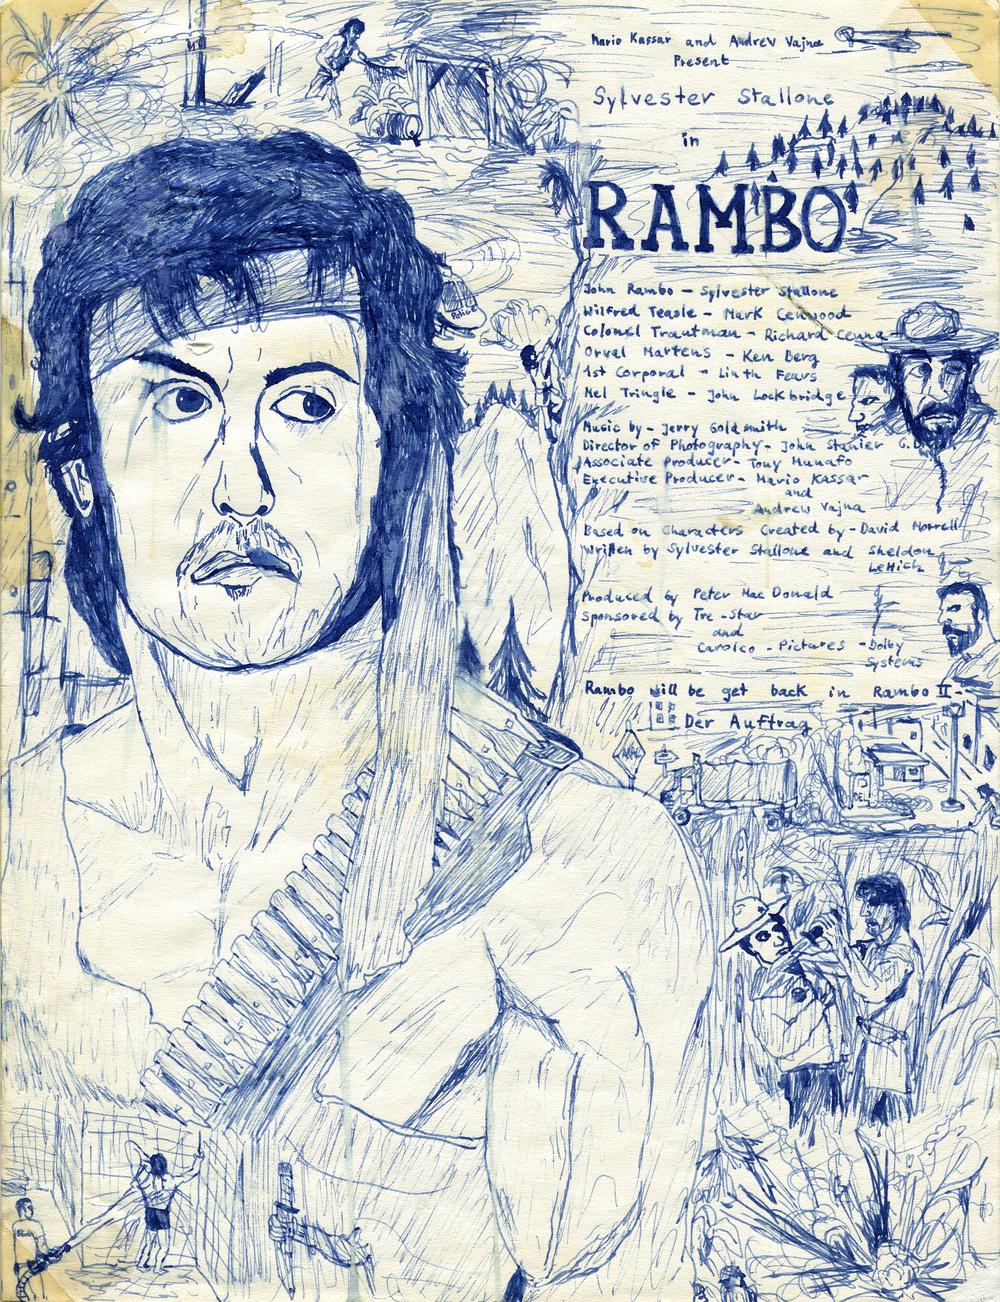 """Ralf Ziervogel, """"Rambo II"""" (Ausschnitt), 1987 (12 Jahre), blaue Füllertinte auf Papier, 27.5 x 21cm. Courtesy Ralf Ziervogel. Copyright VG Bild-Kunst, Bonn."""